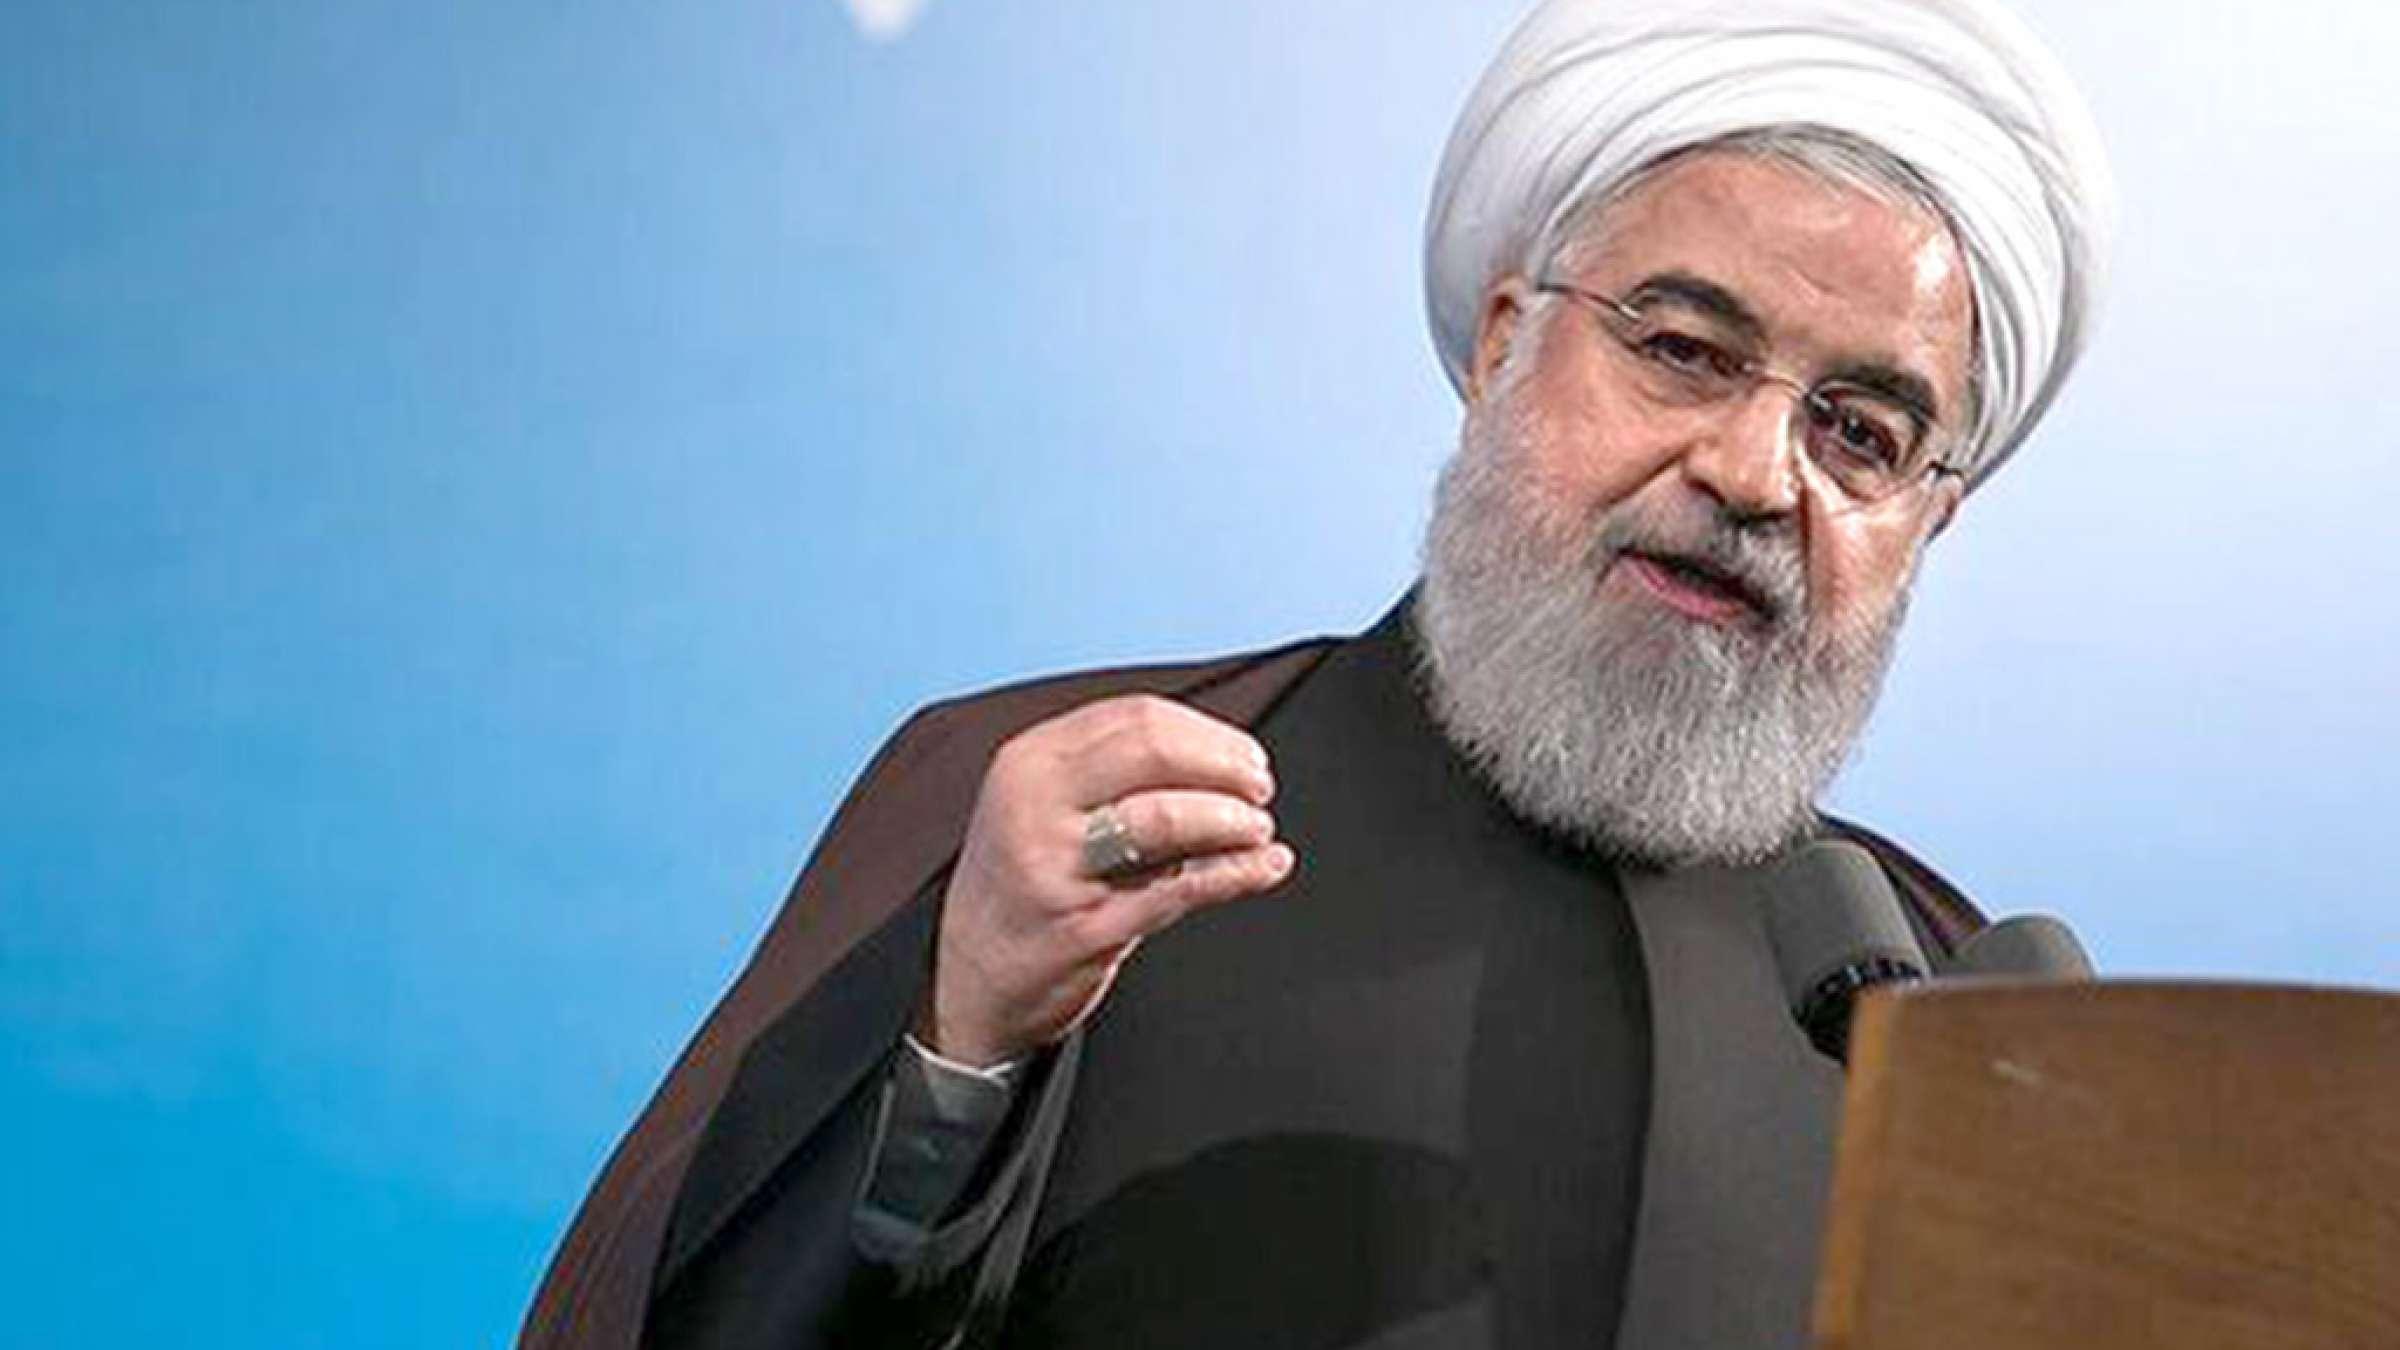 اقتصاد-تنباکویی-دولت-روحانی-مبارزه-با-فساد-در-قوه-قضاییه-هم-باید-باشد